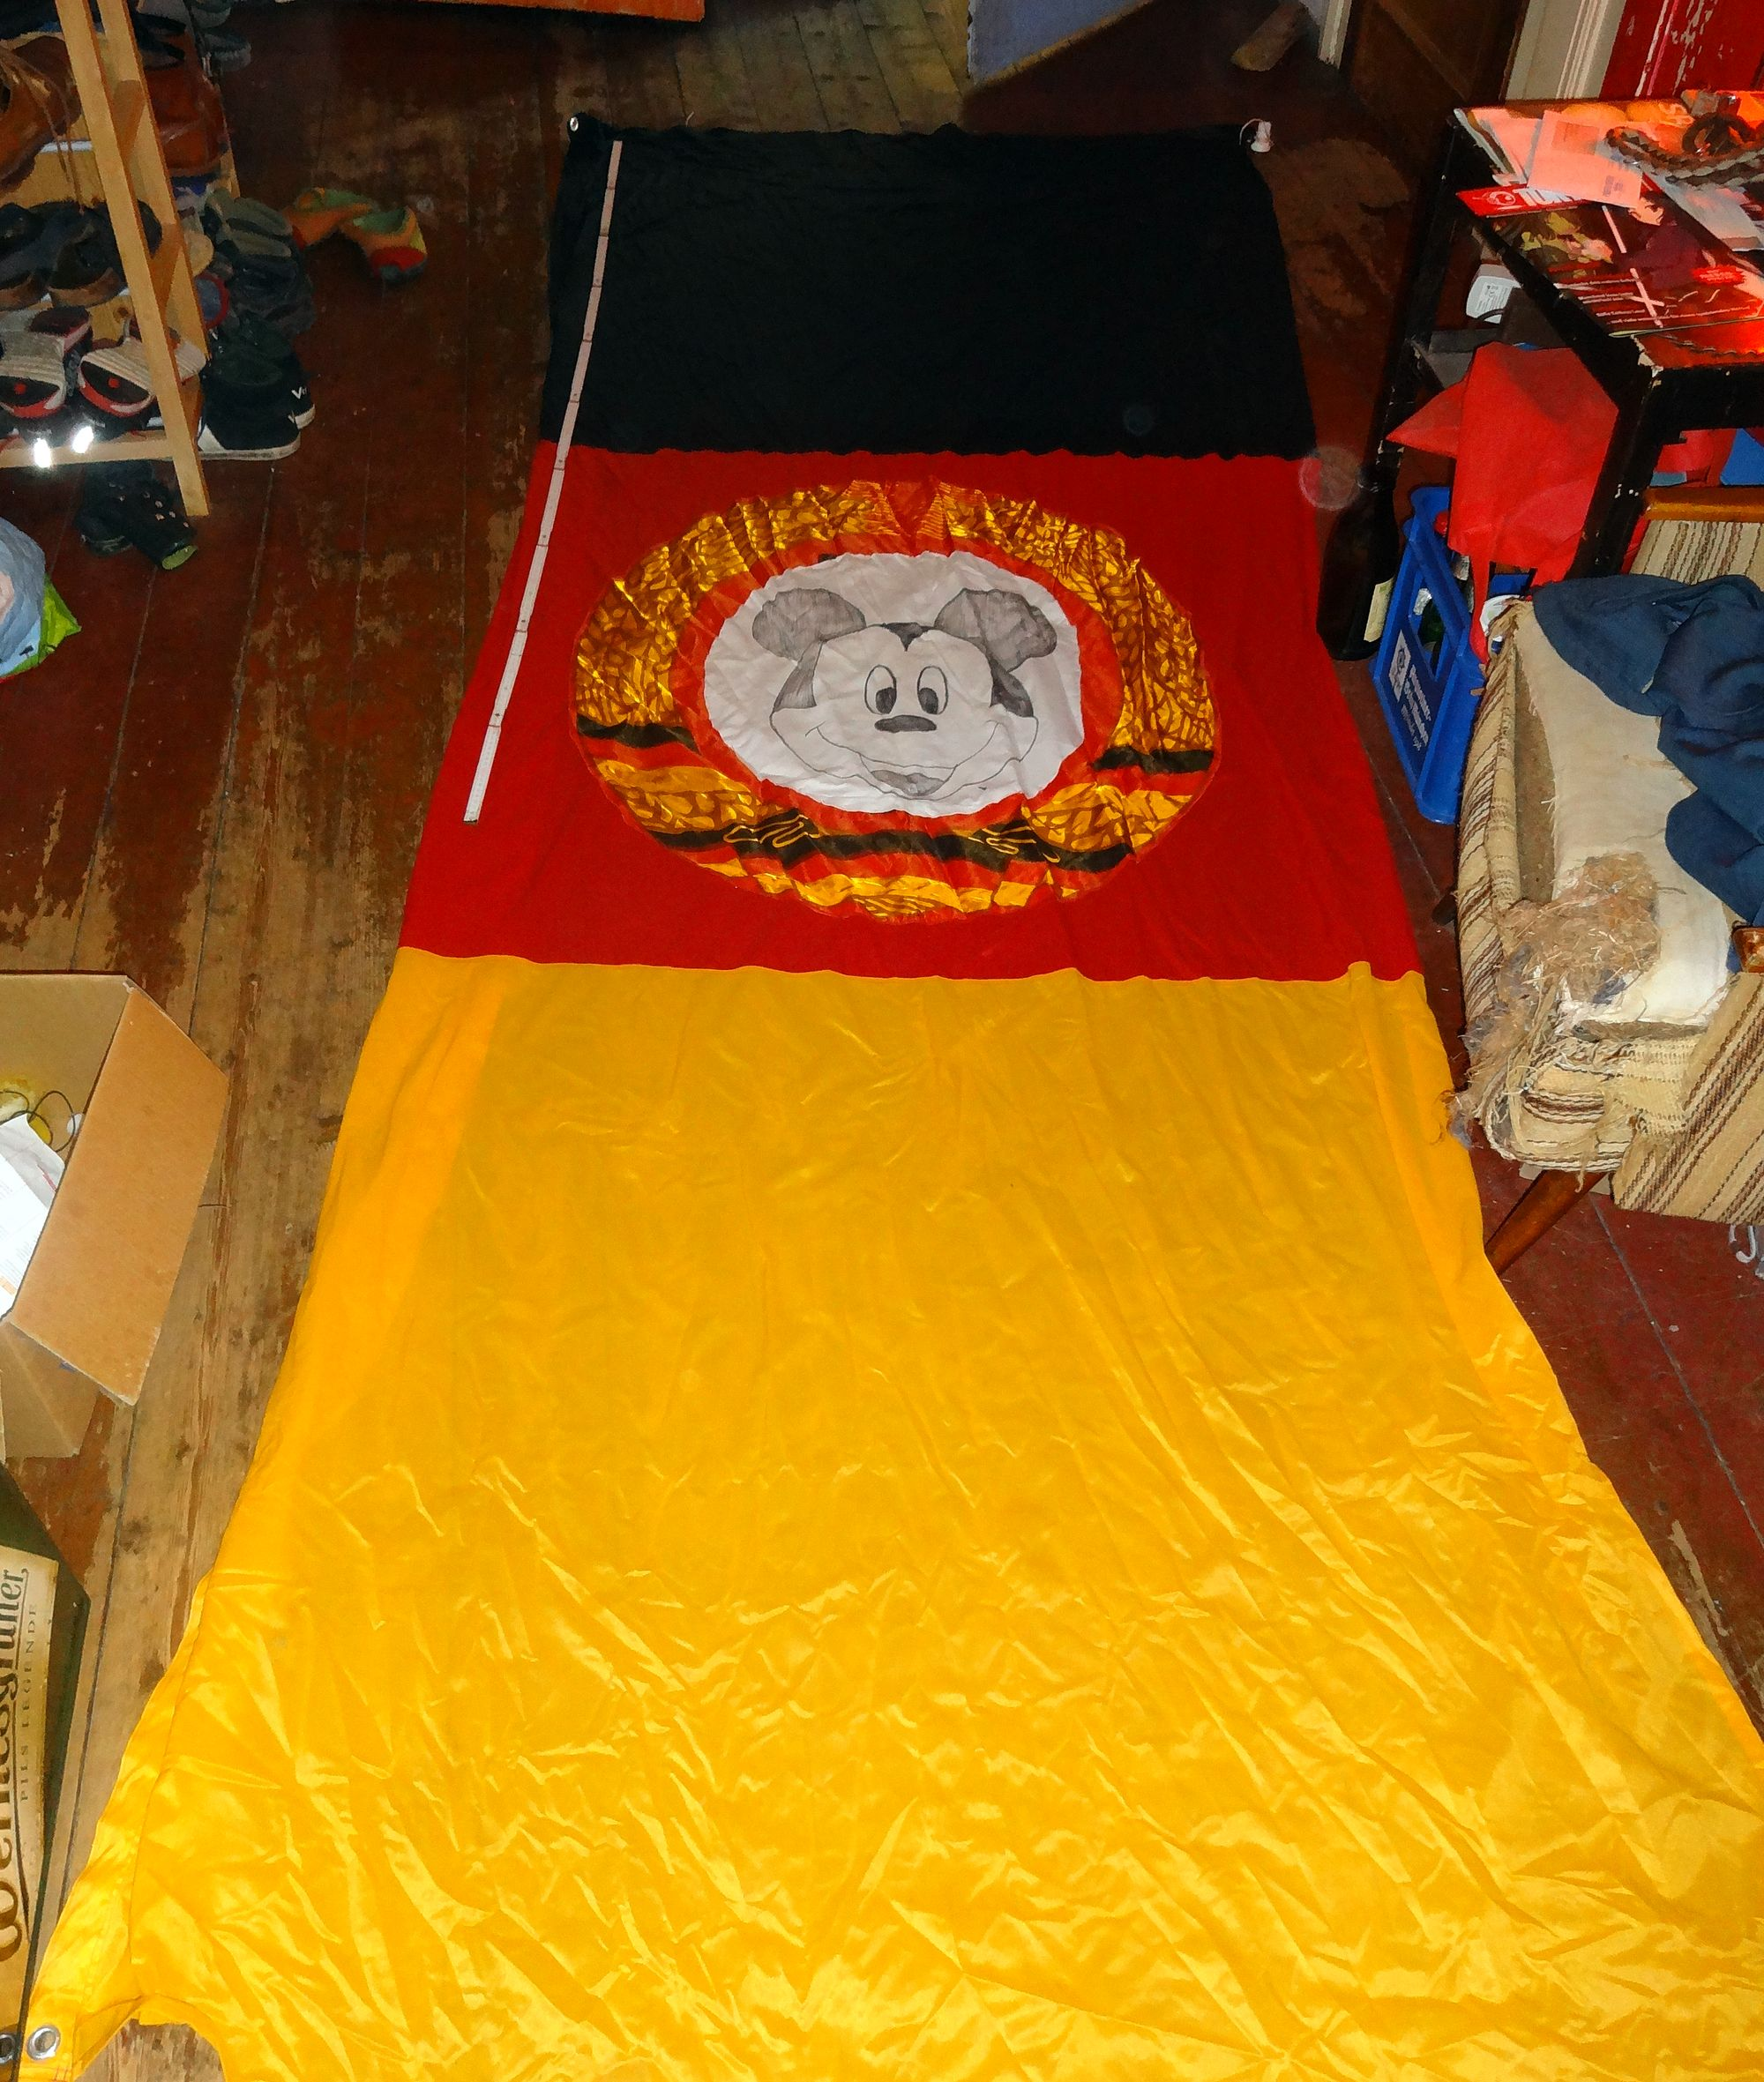 Knapp 4 Meter lang und 1,5 Meter breit. Das Wappen ist aufgemalt.